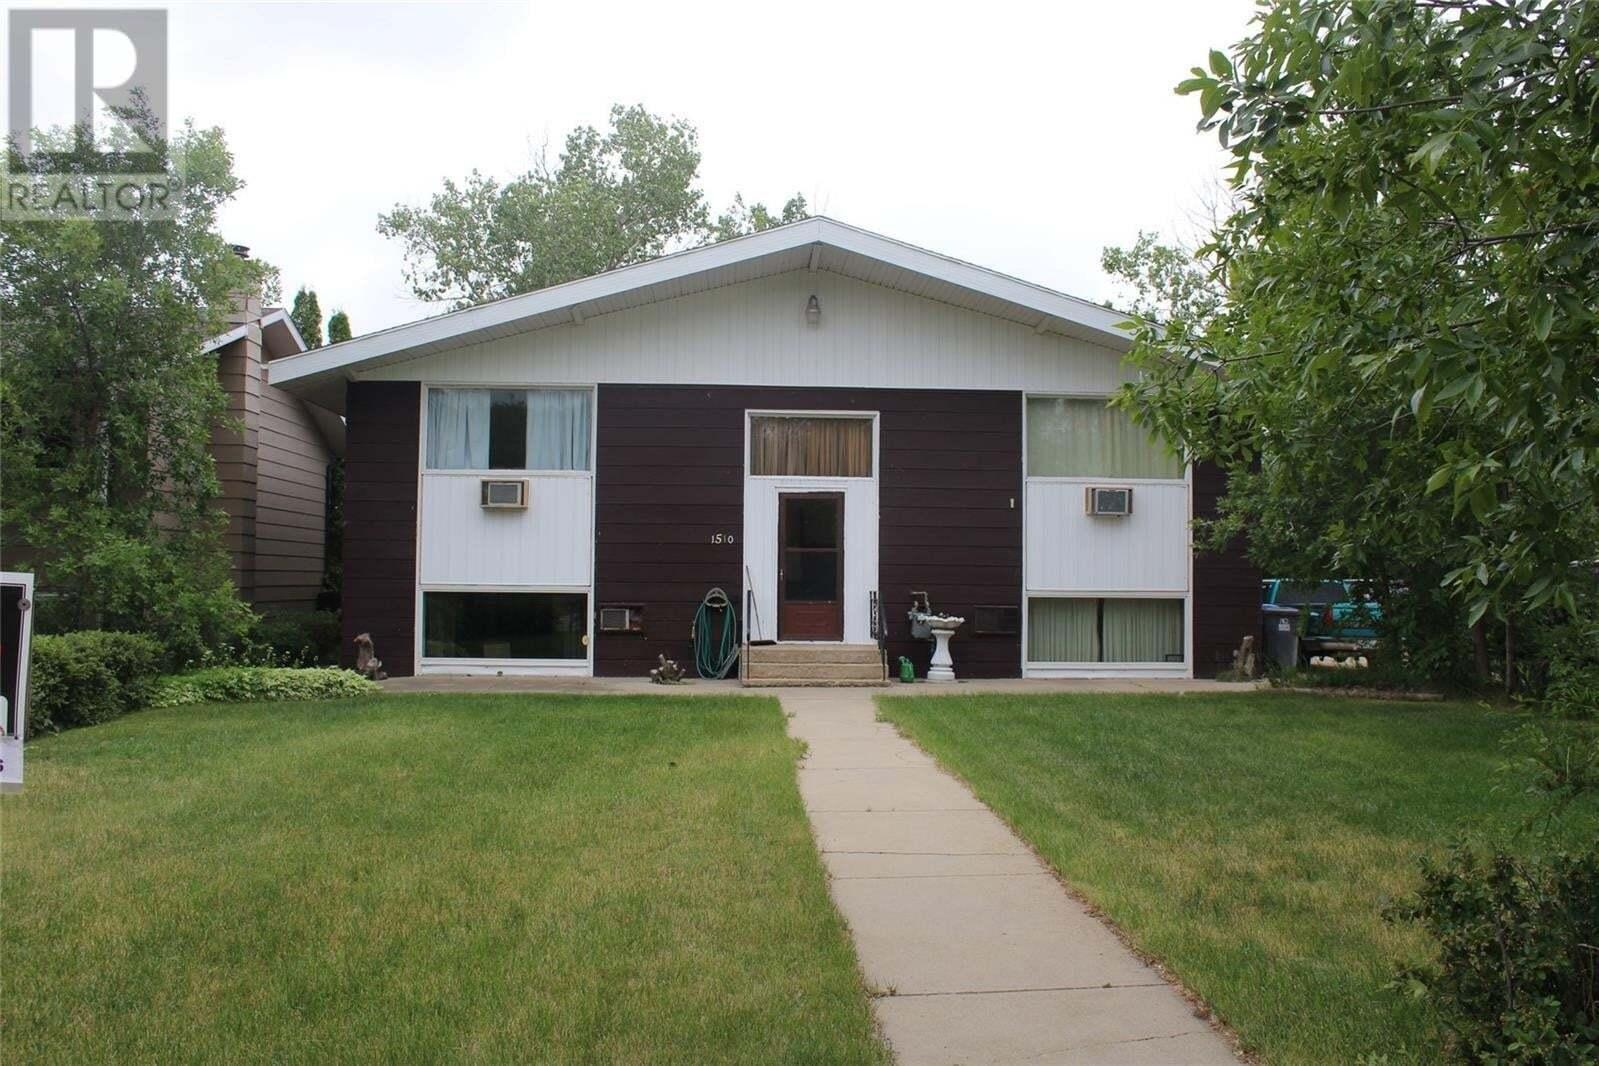 Townhouse for sale at 1510 King St Estevan Saskatchewan - MLS: SK813659